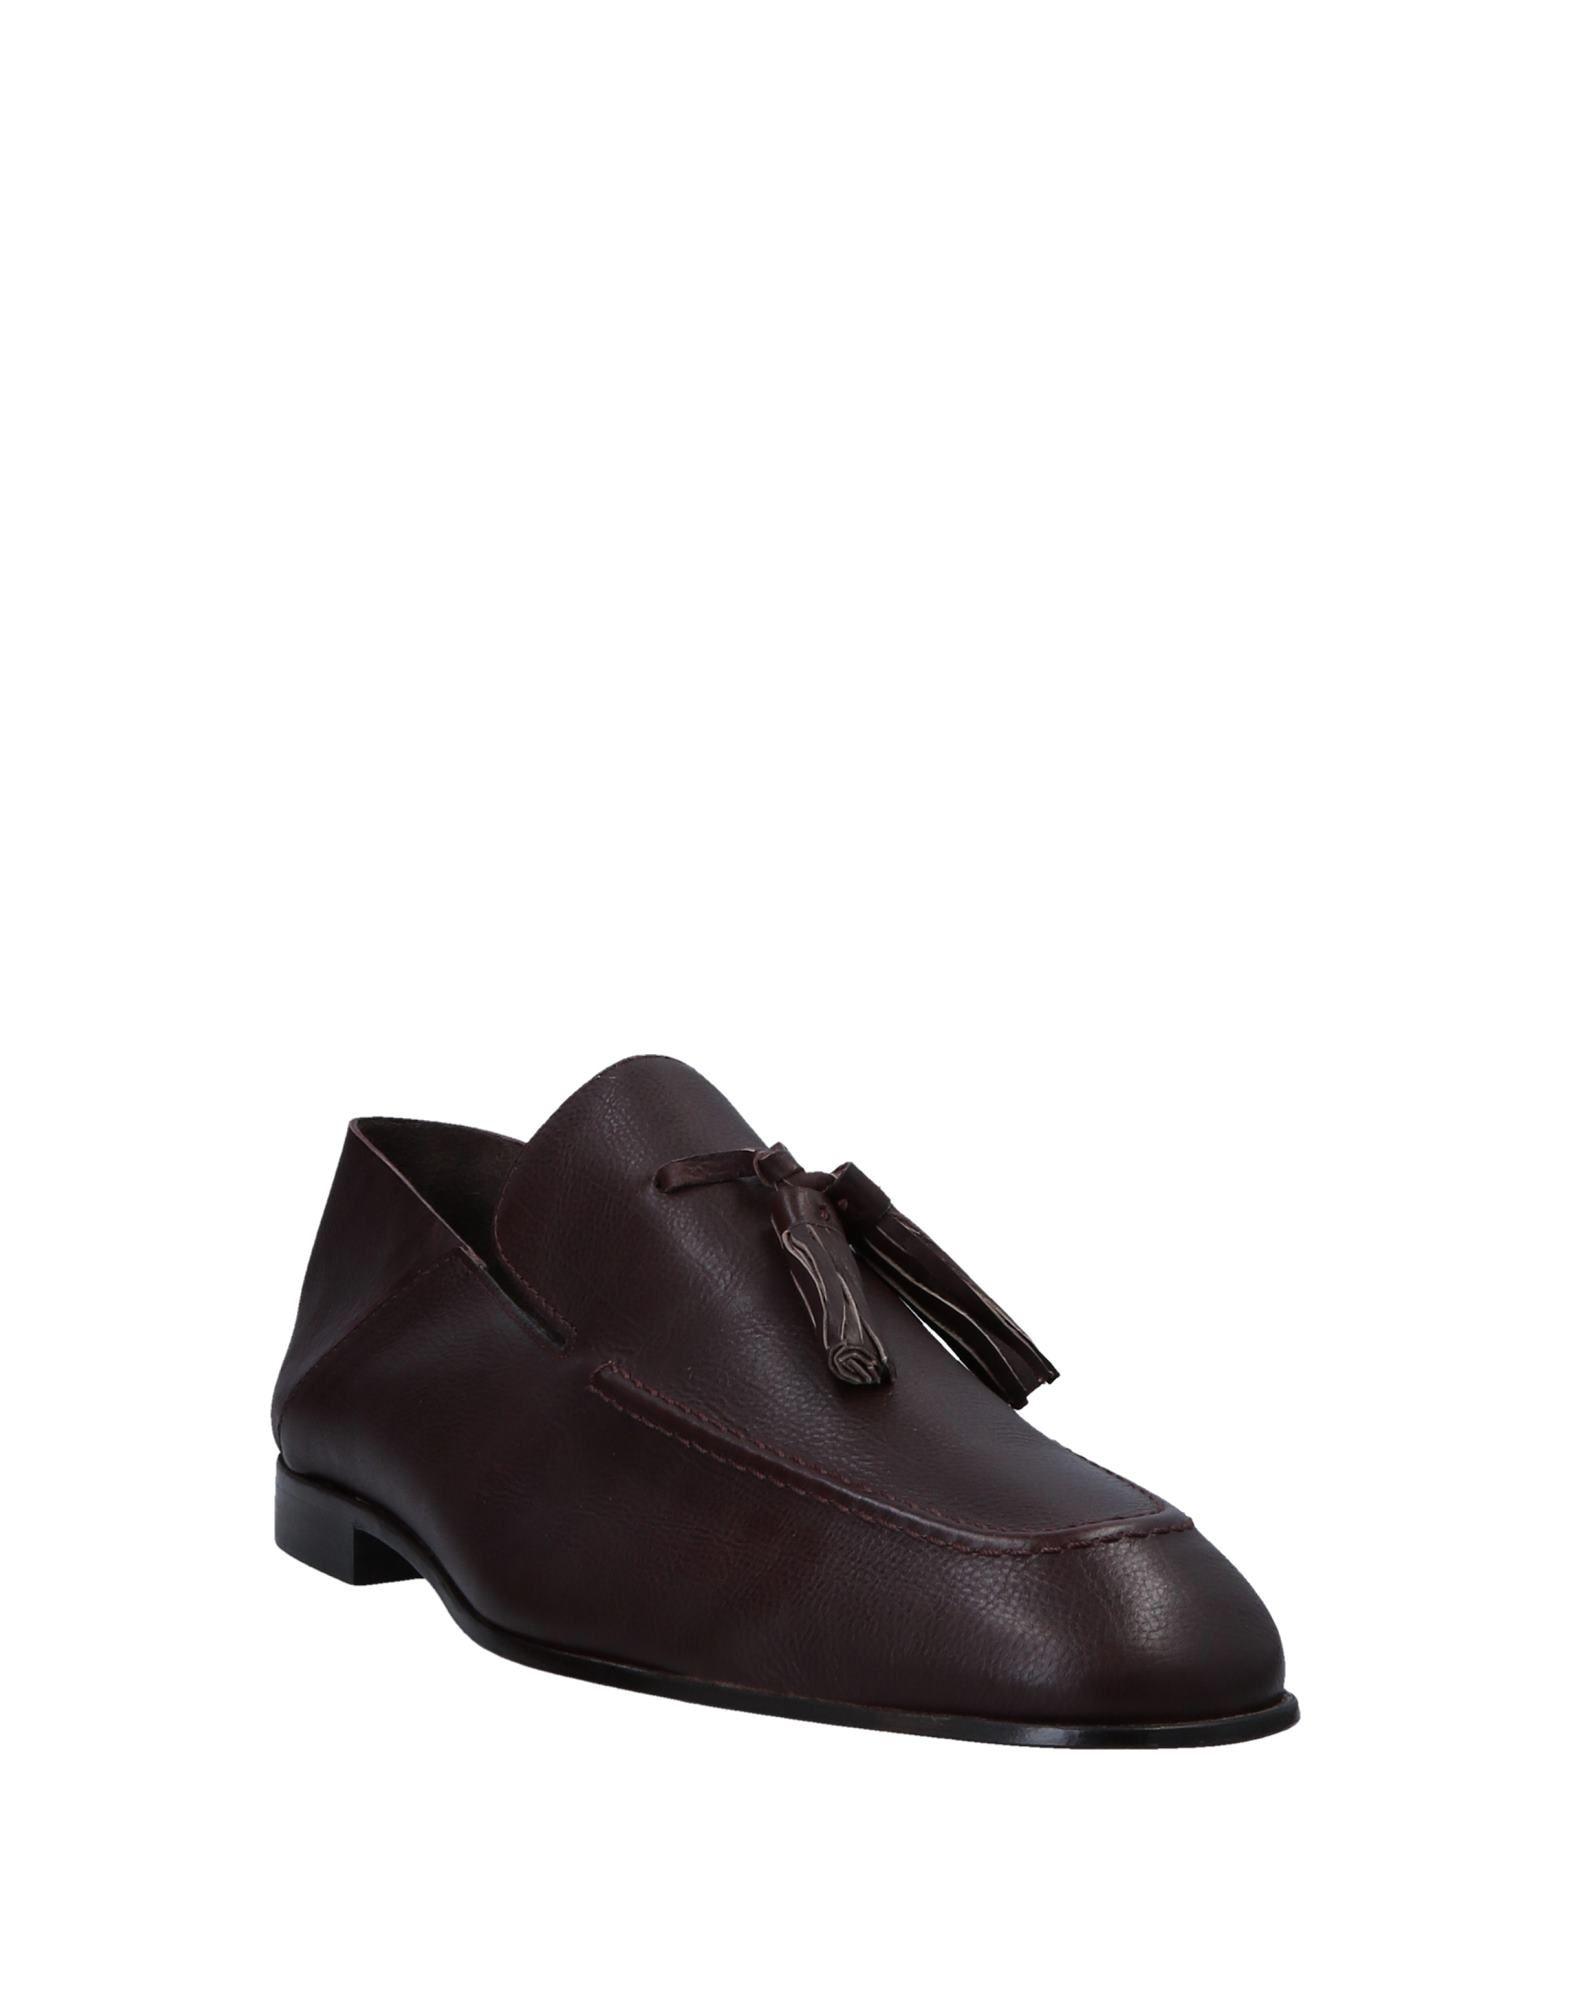 Rabatt Herren echte Schuhe Boemos Mokassins Herren Rabatt  11553370MN b6830b